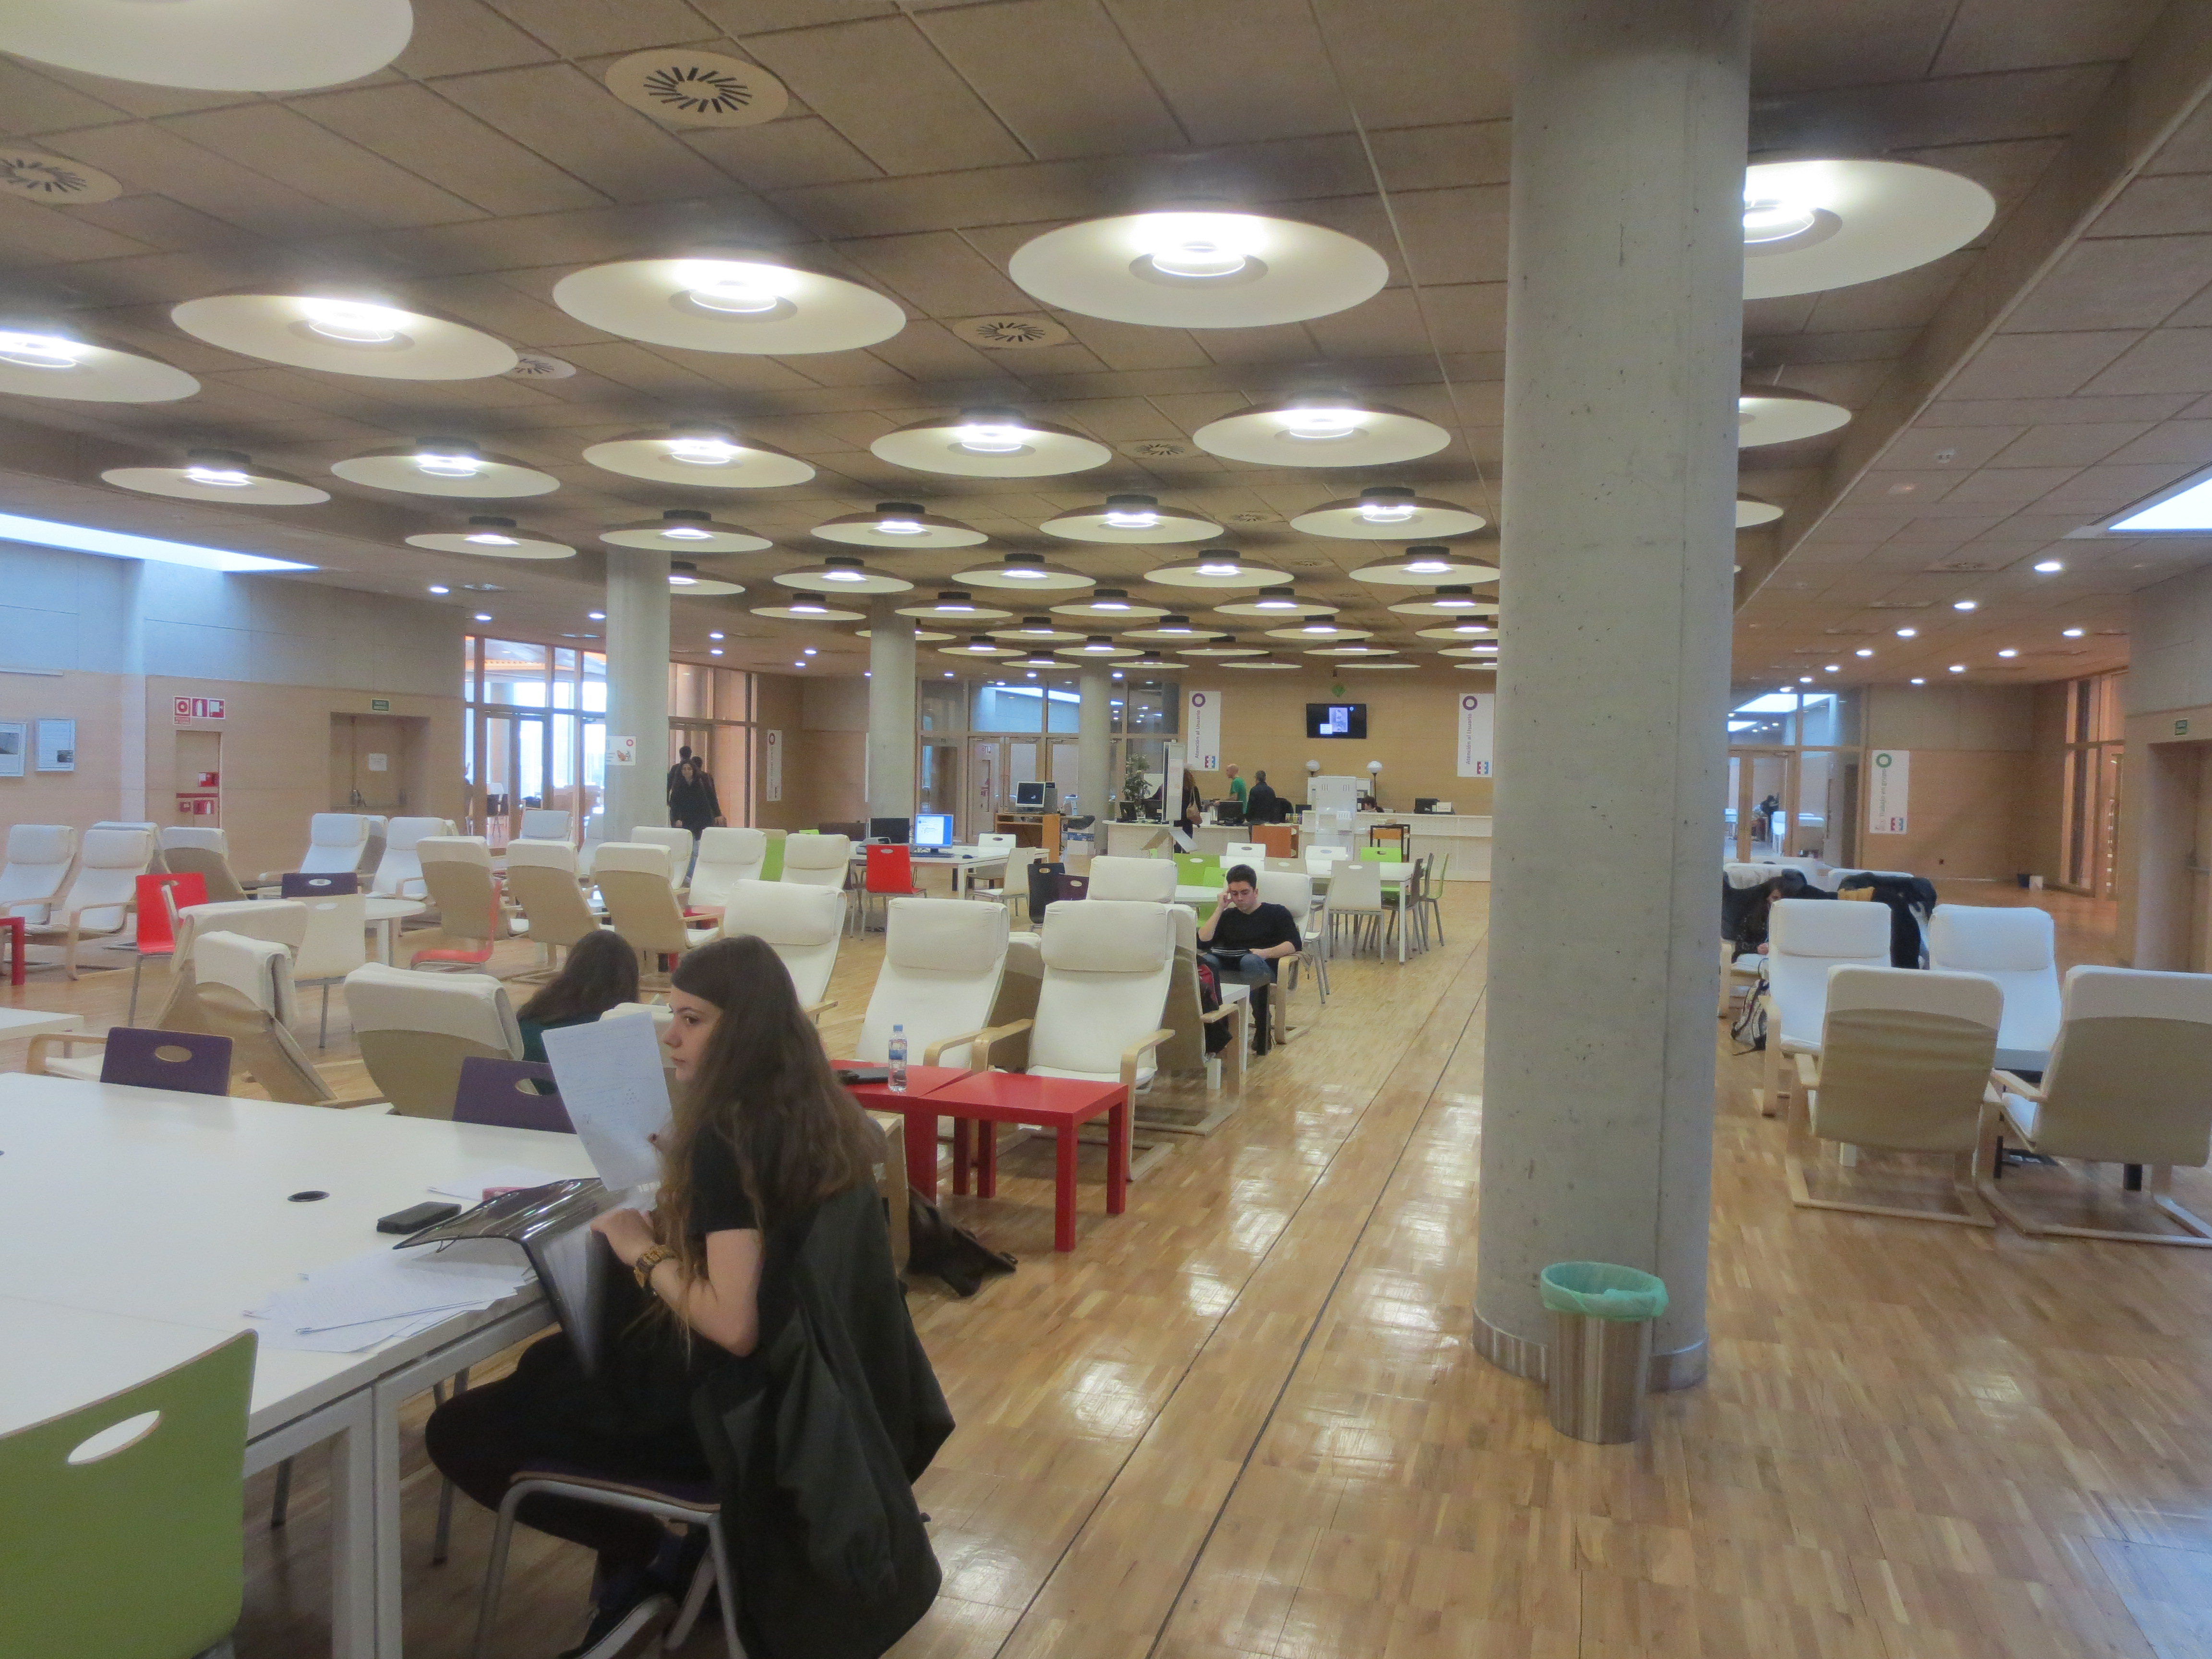 Thu viện tại trường đại học Malaga